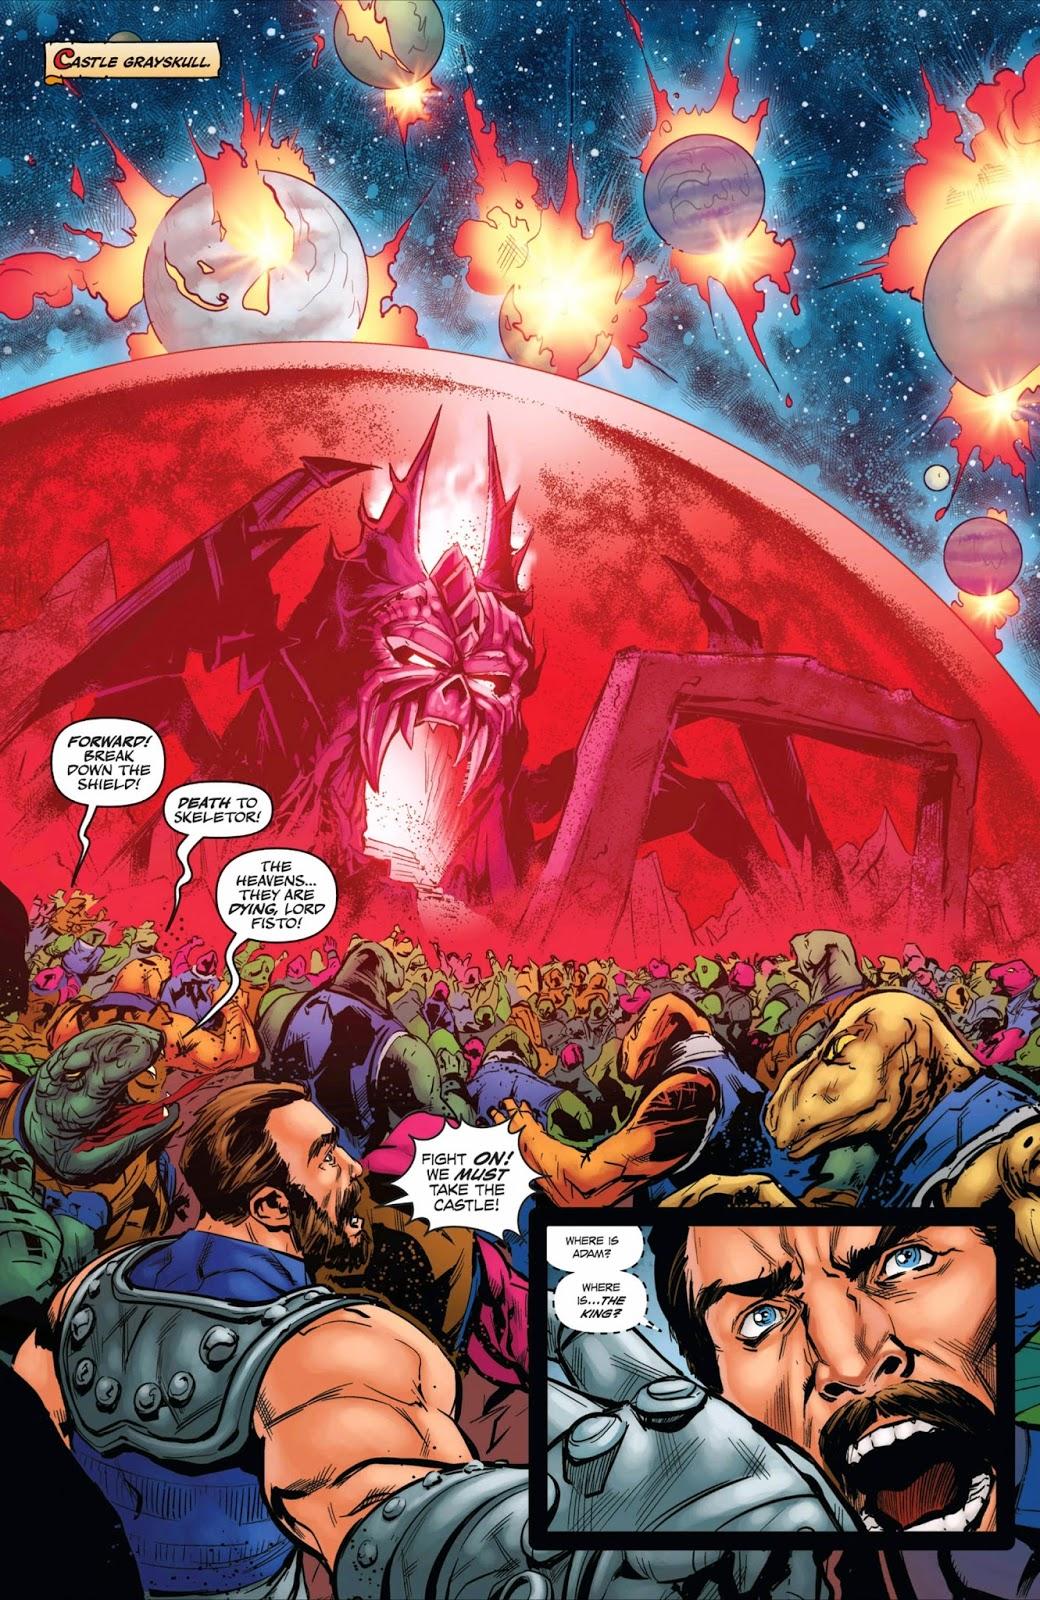 Weird Science DC Comics: He-Man: The Eternity War #12 ...